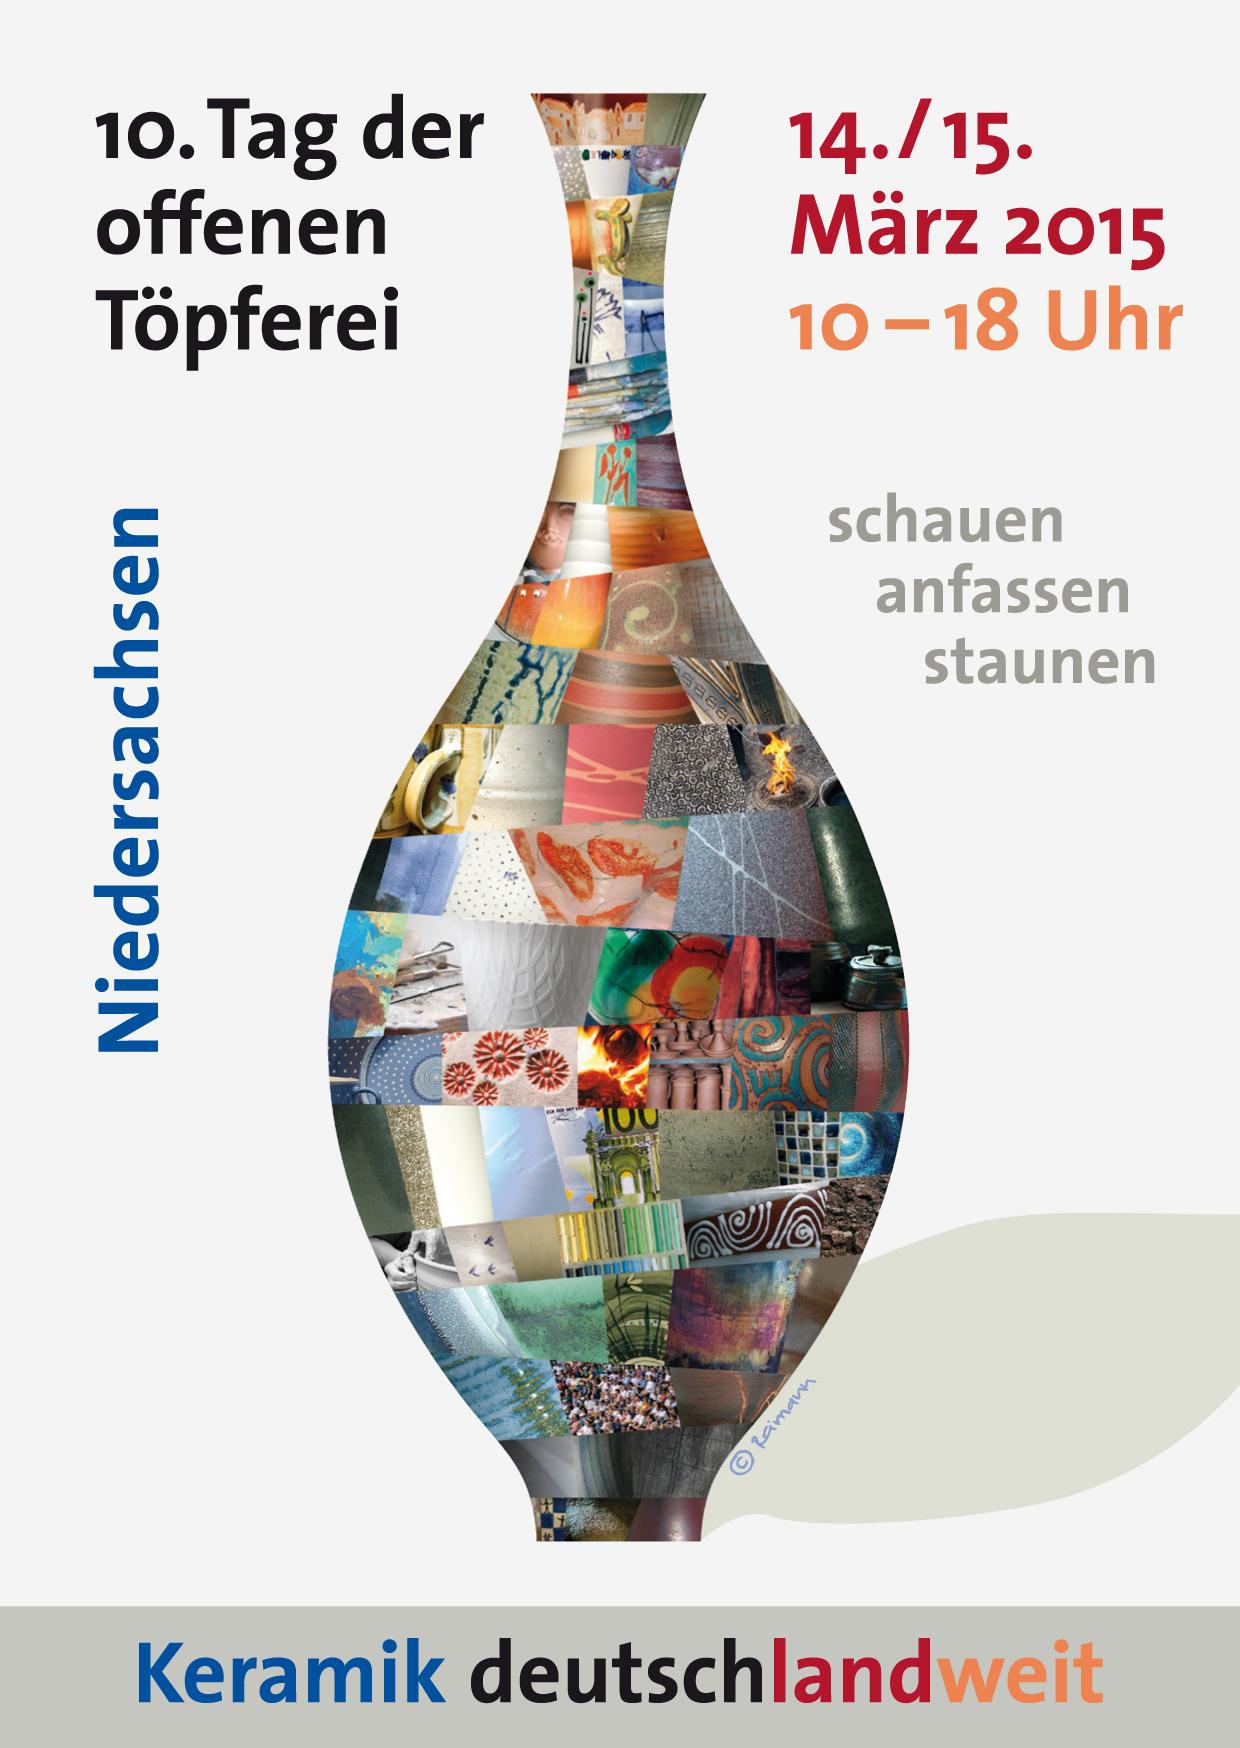 Titel Niedersachsen 2015 3c